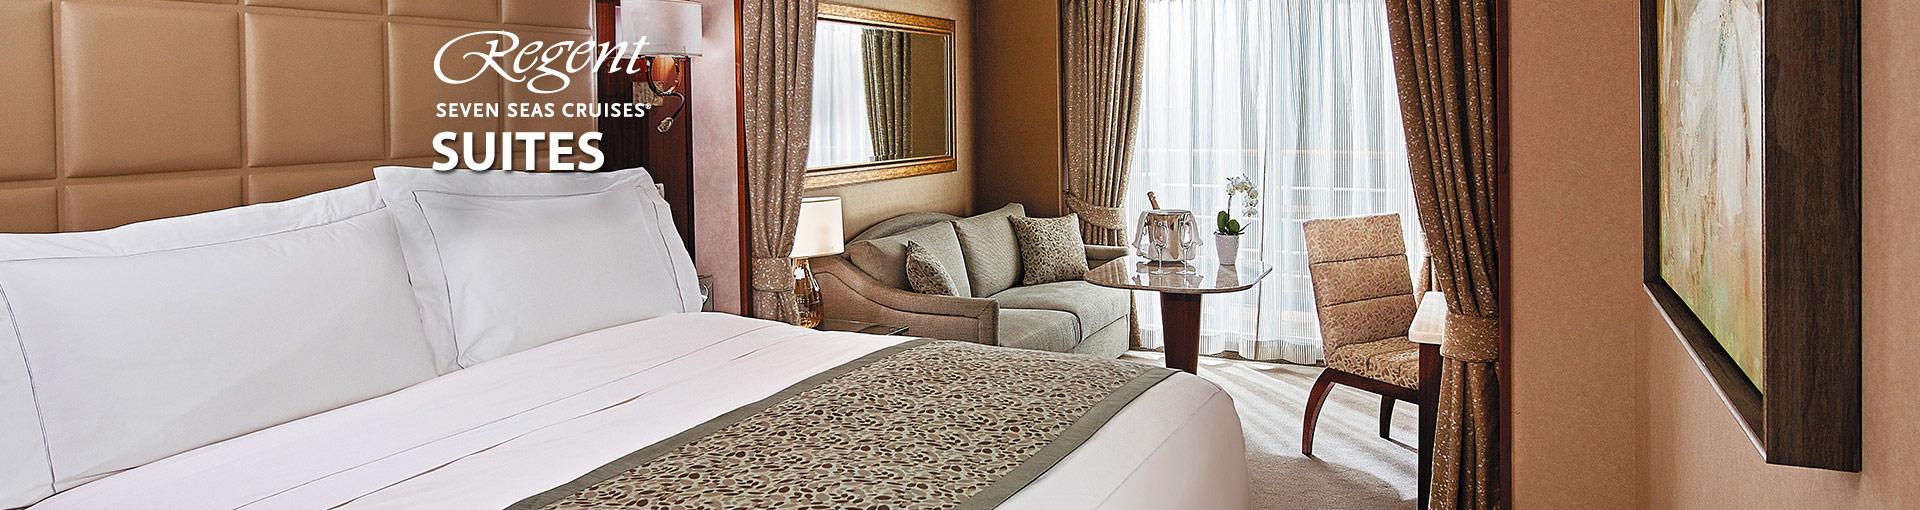 Regent Seven Seas Cruises Suites